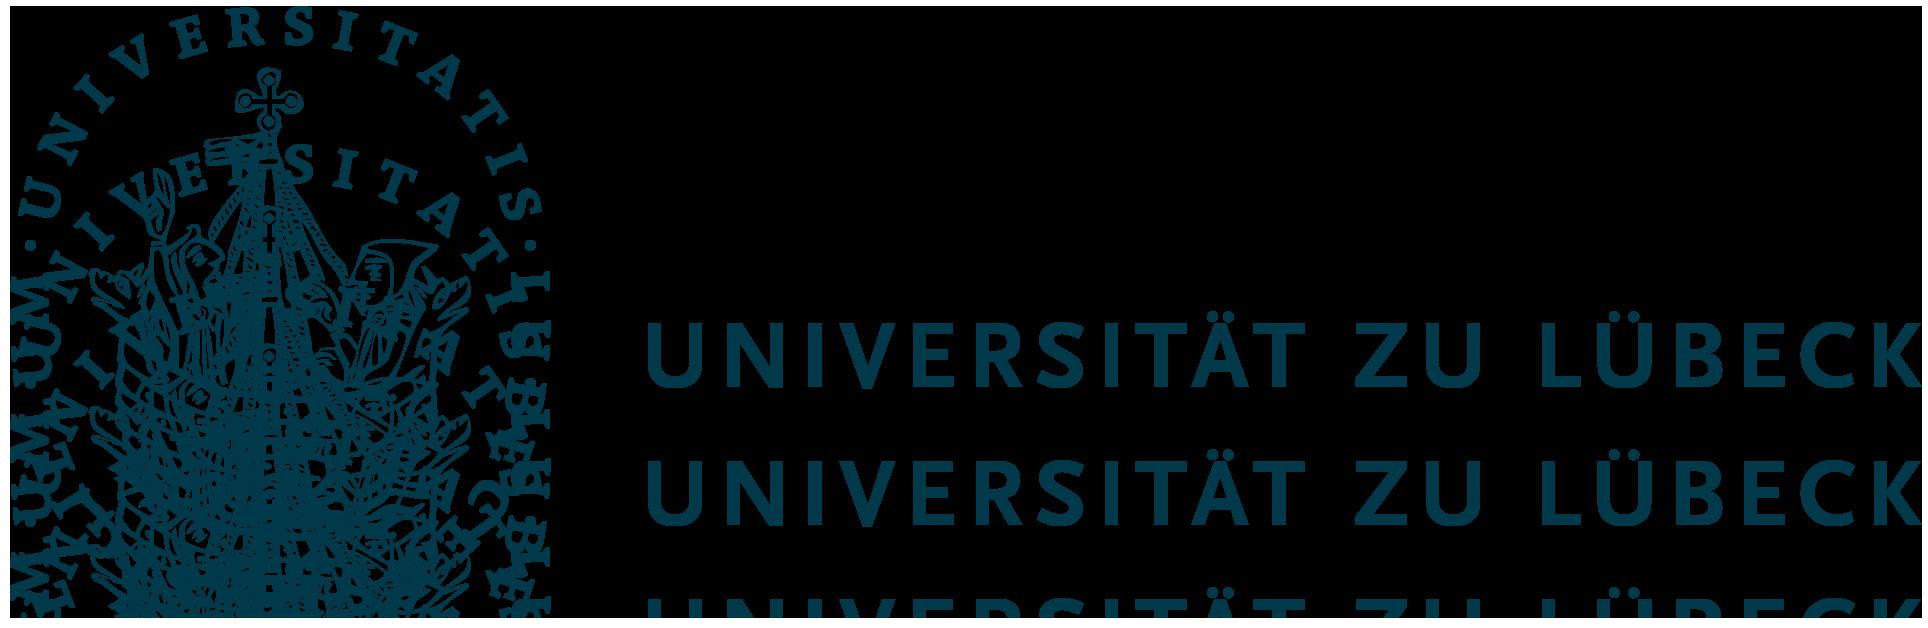 Wissenschaftlicher Mitarbeiter (m/w/d) Biochemie, Chemie, Molecular Life Sciences, Physik - Universität zu Lübeck - Logo